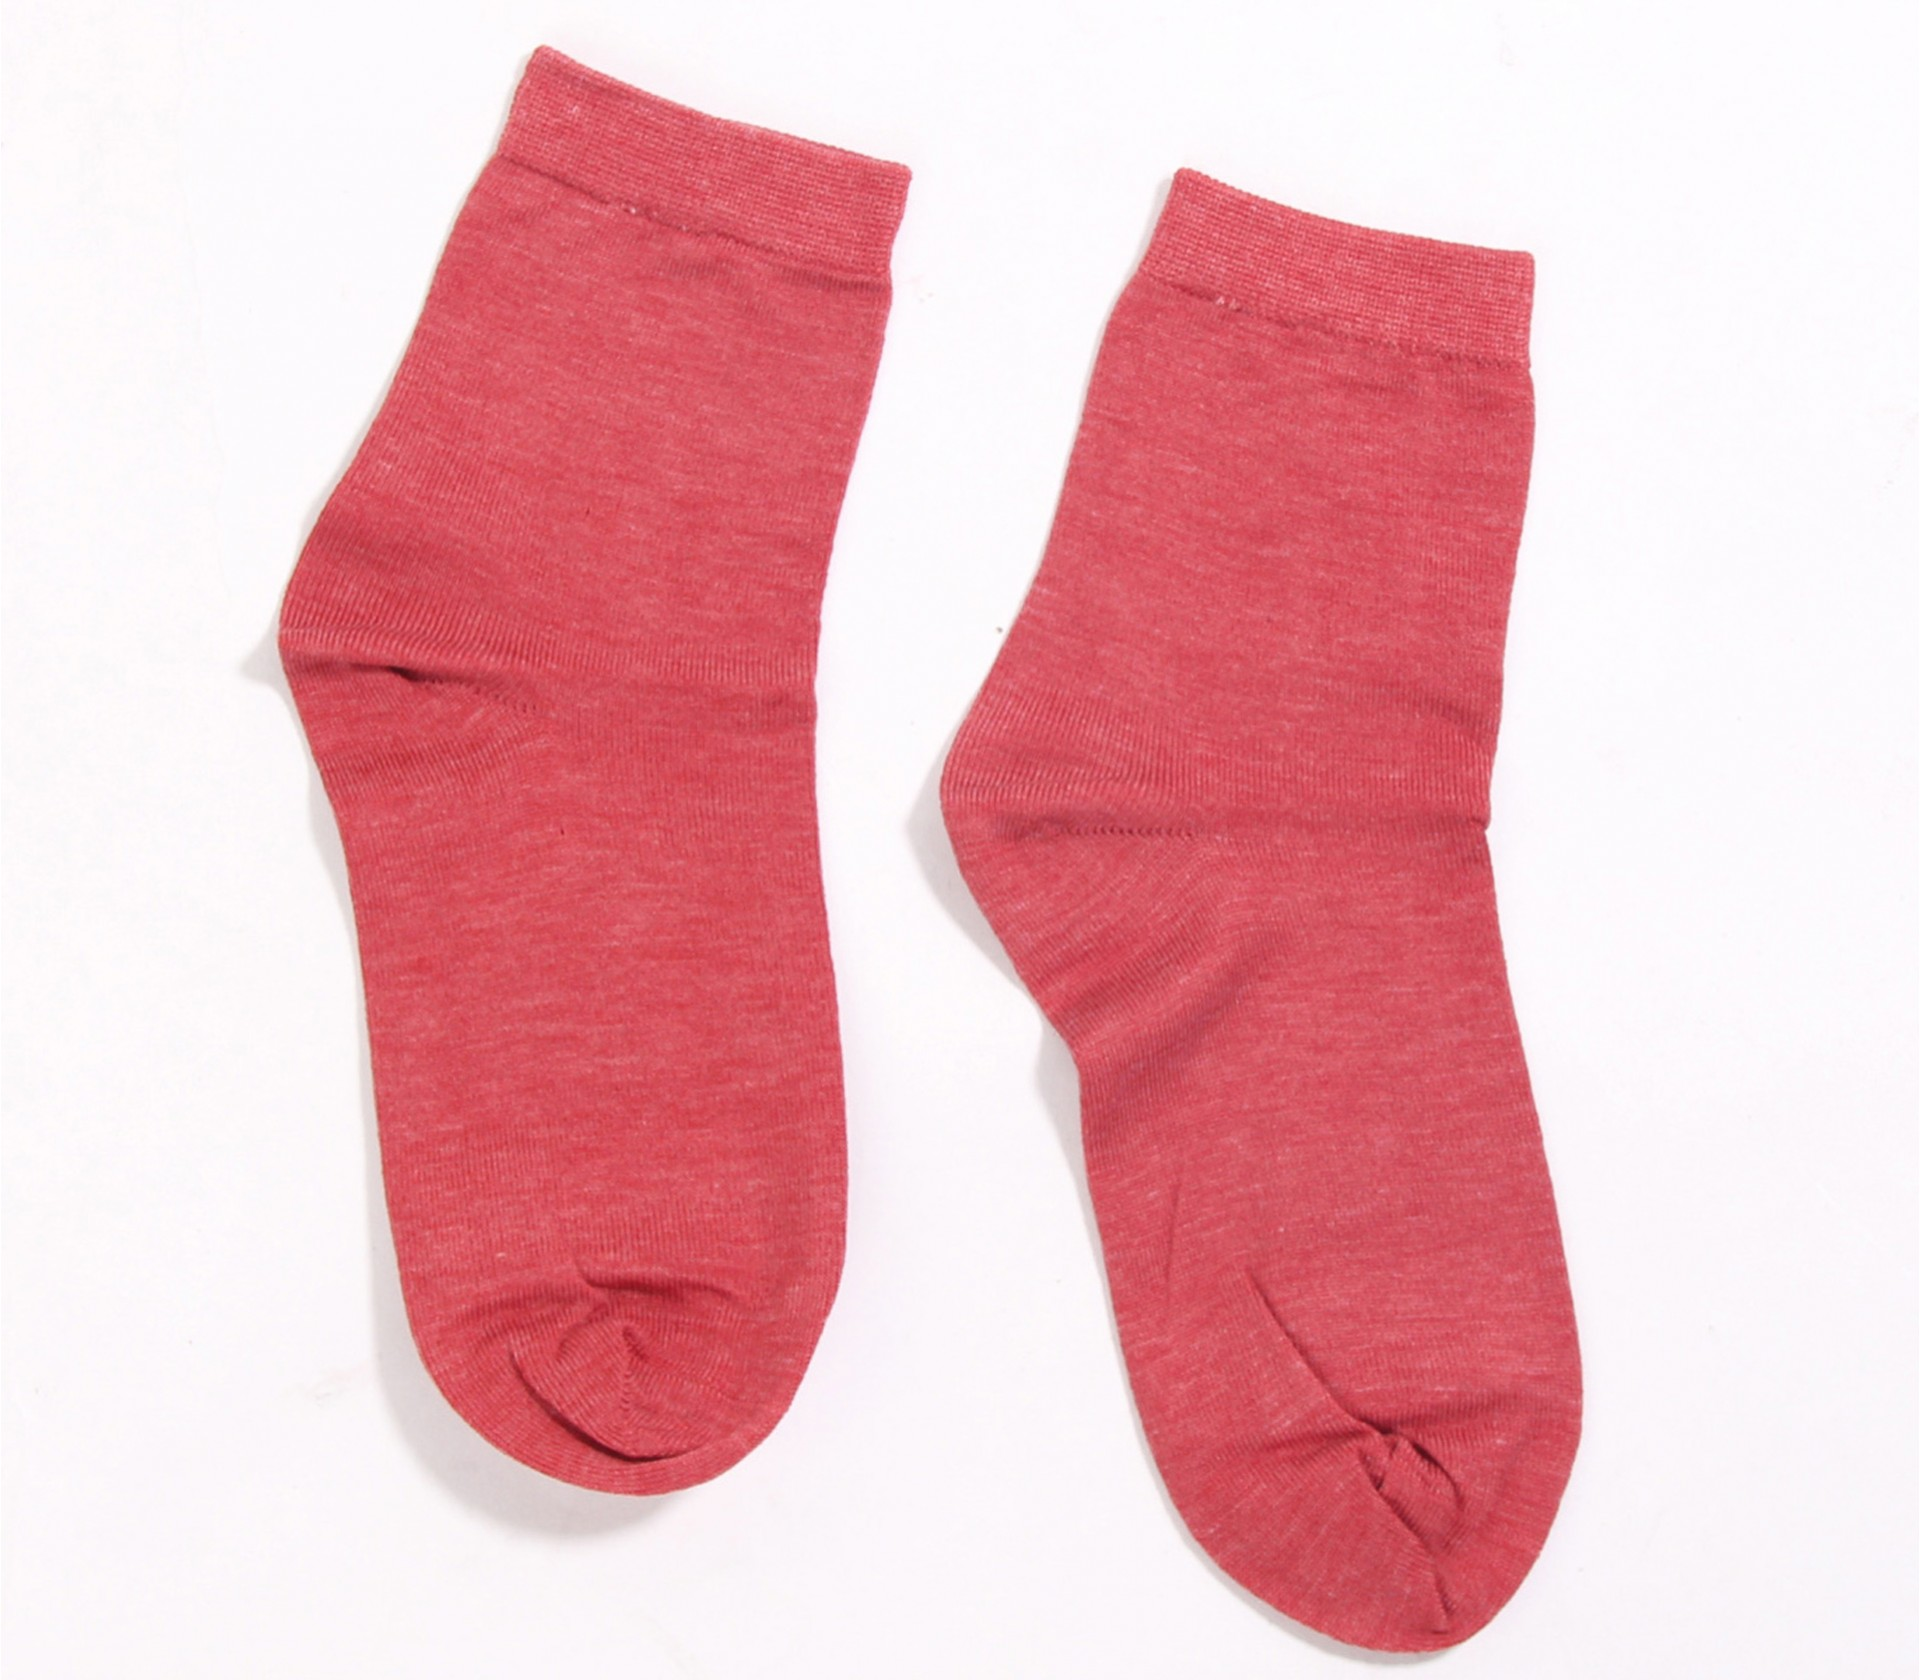 闕蘭絹舒適自在彈性蠶絲襪(暗紅)(22-24CM)